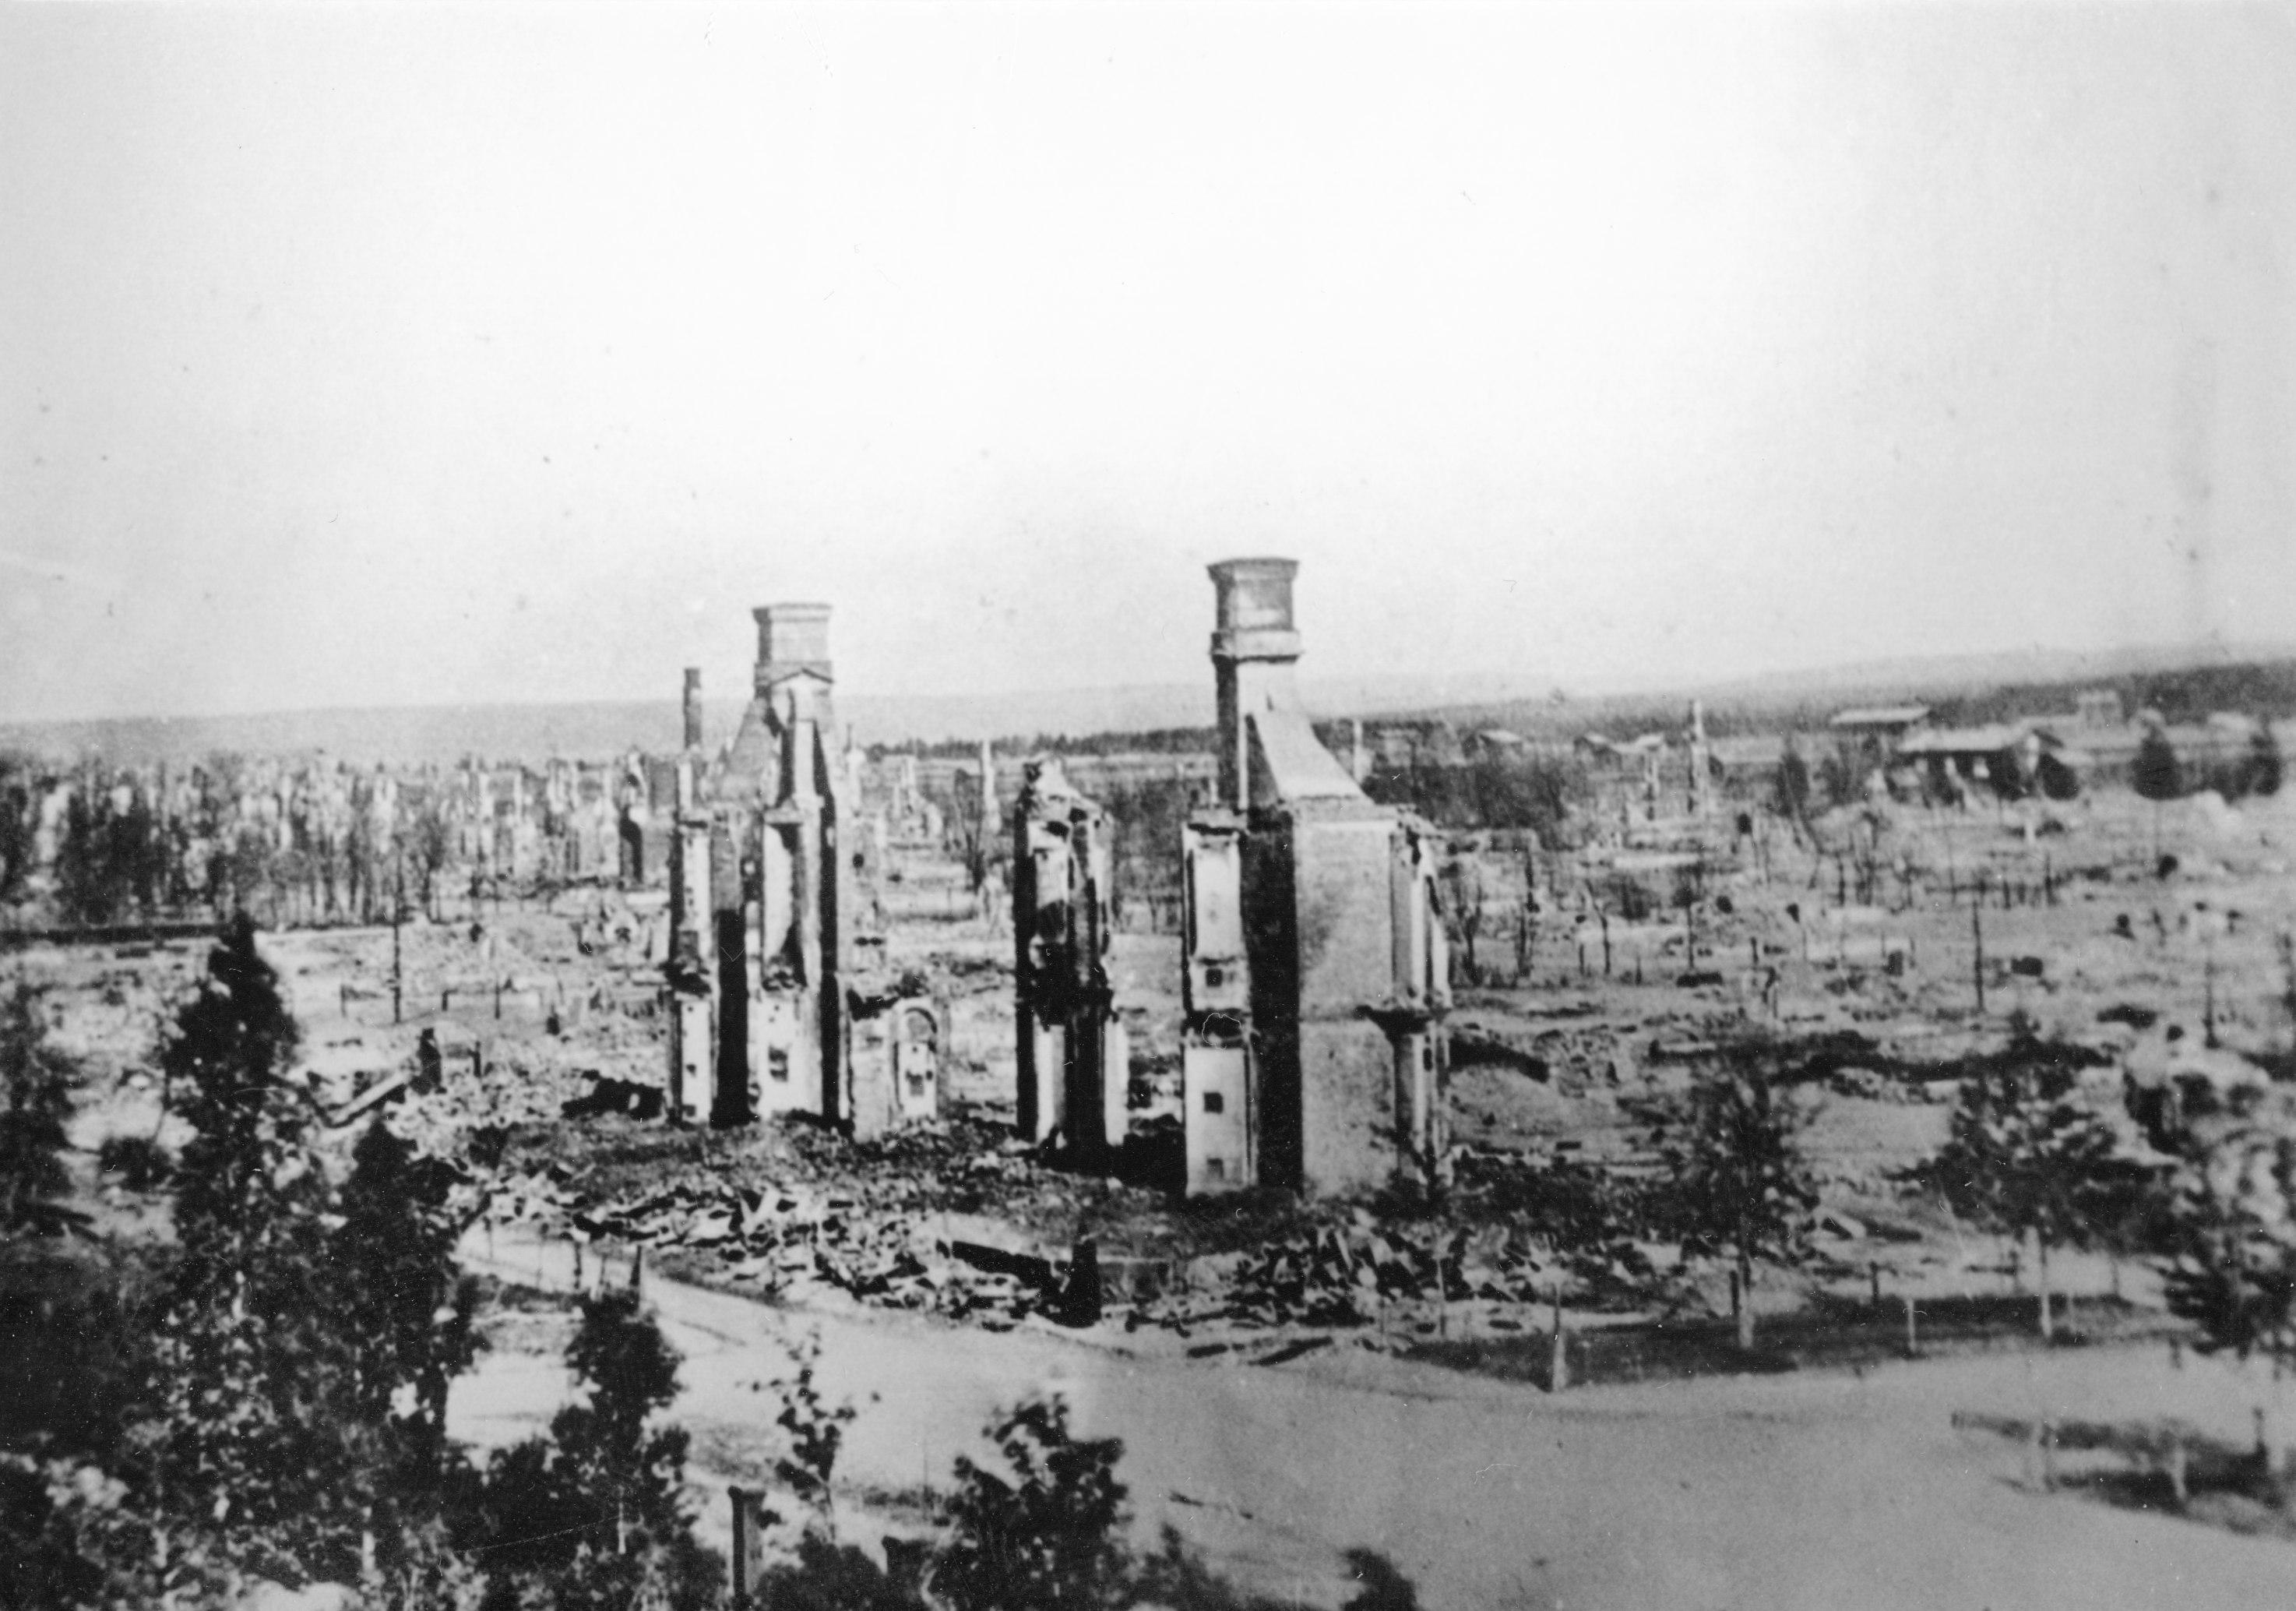 Umeå efter branden 1888. Foto från Umeå stadsarkiv/Wikipedia. Fotograf okänd.